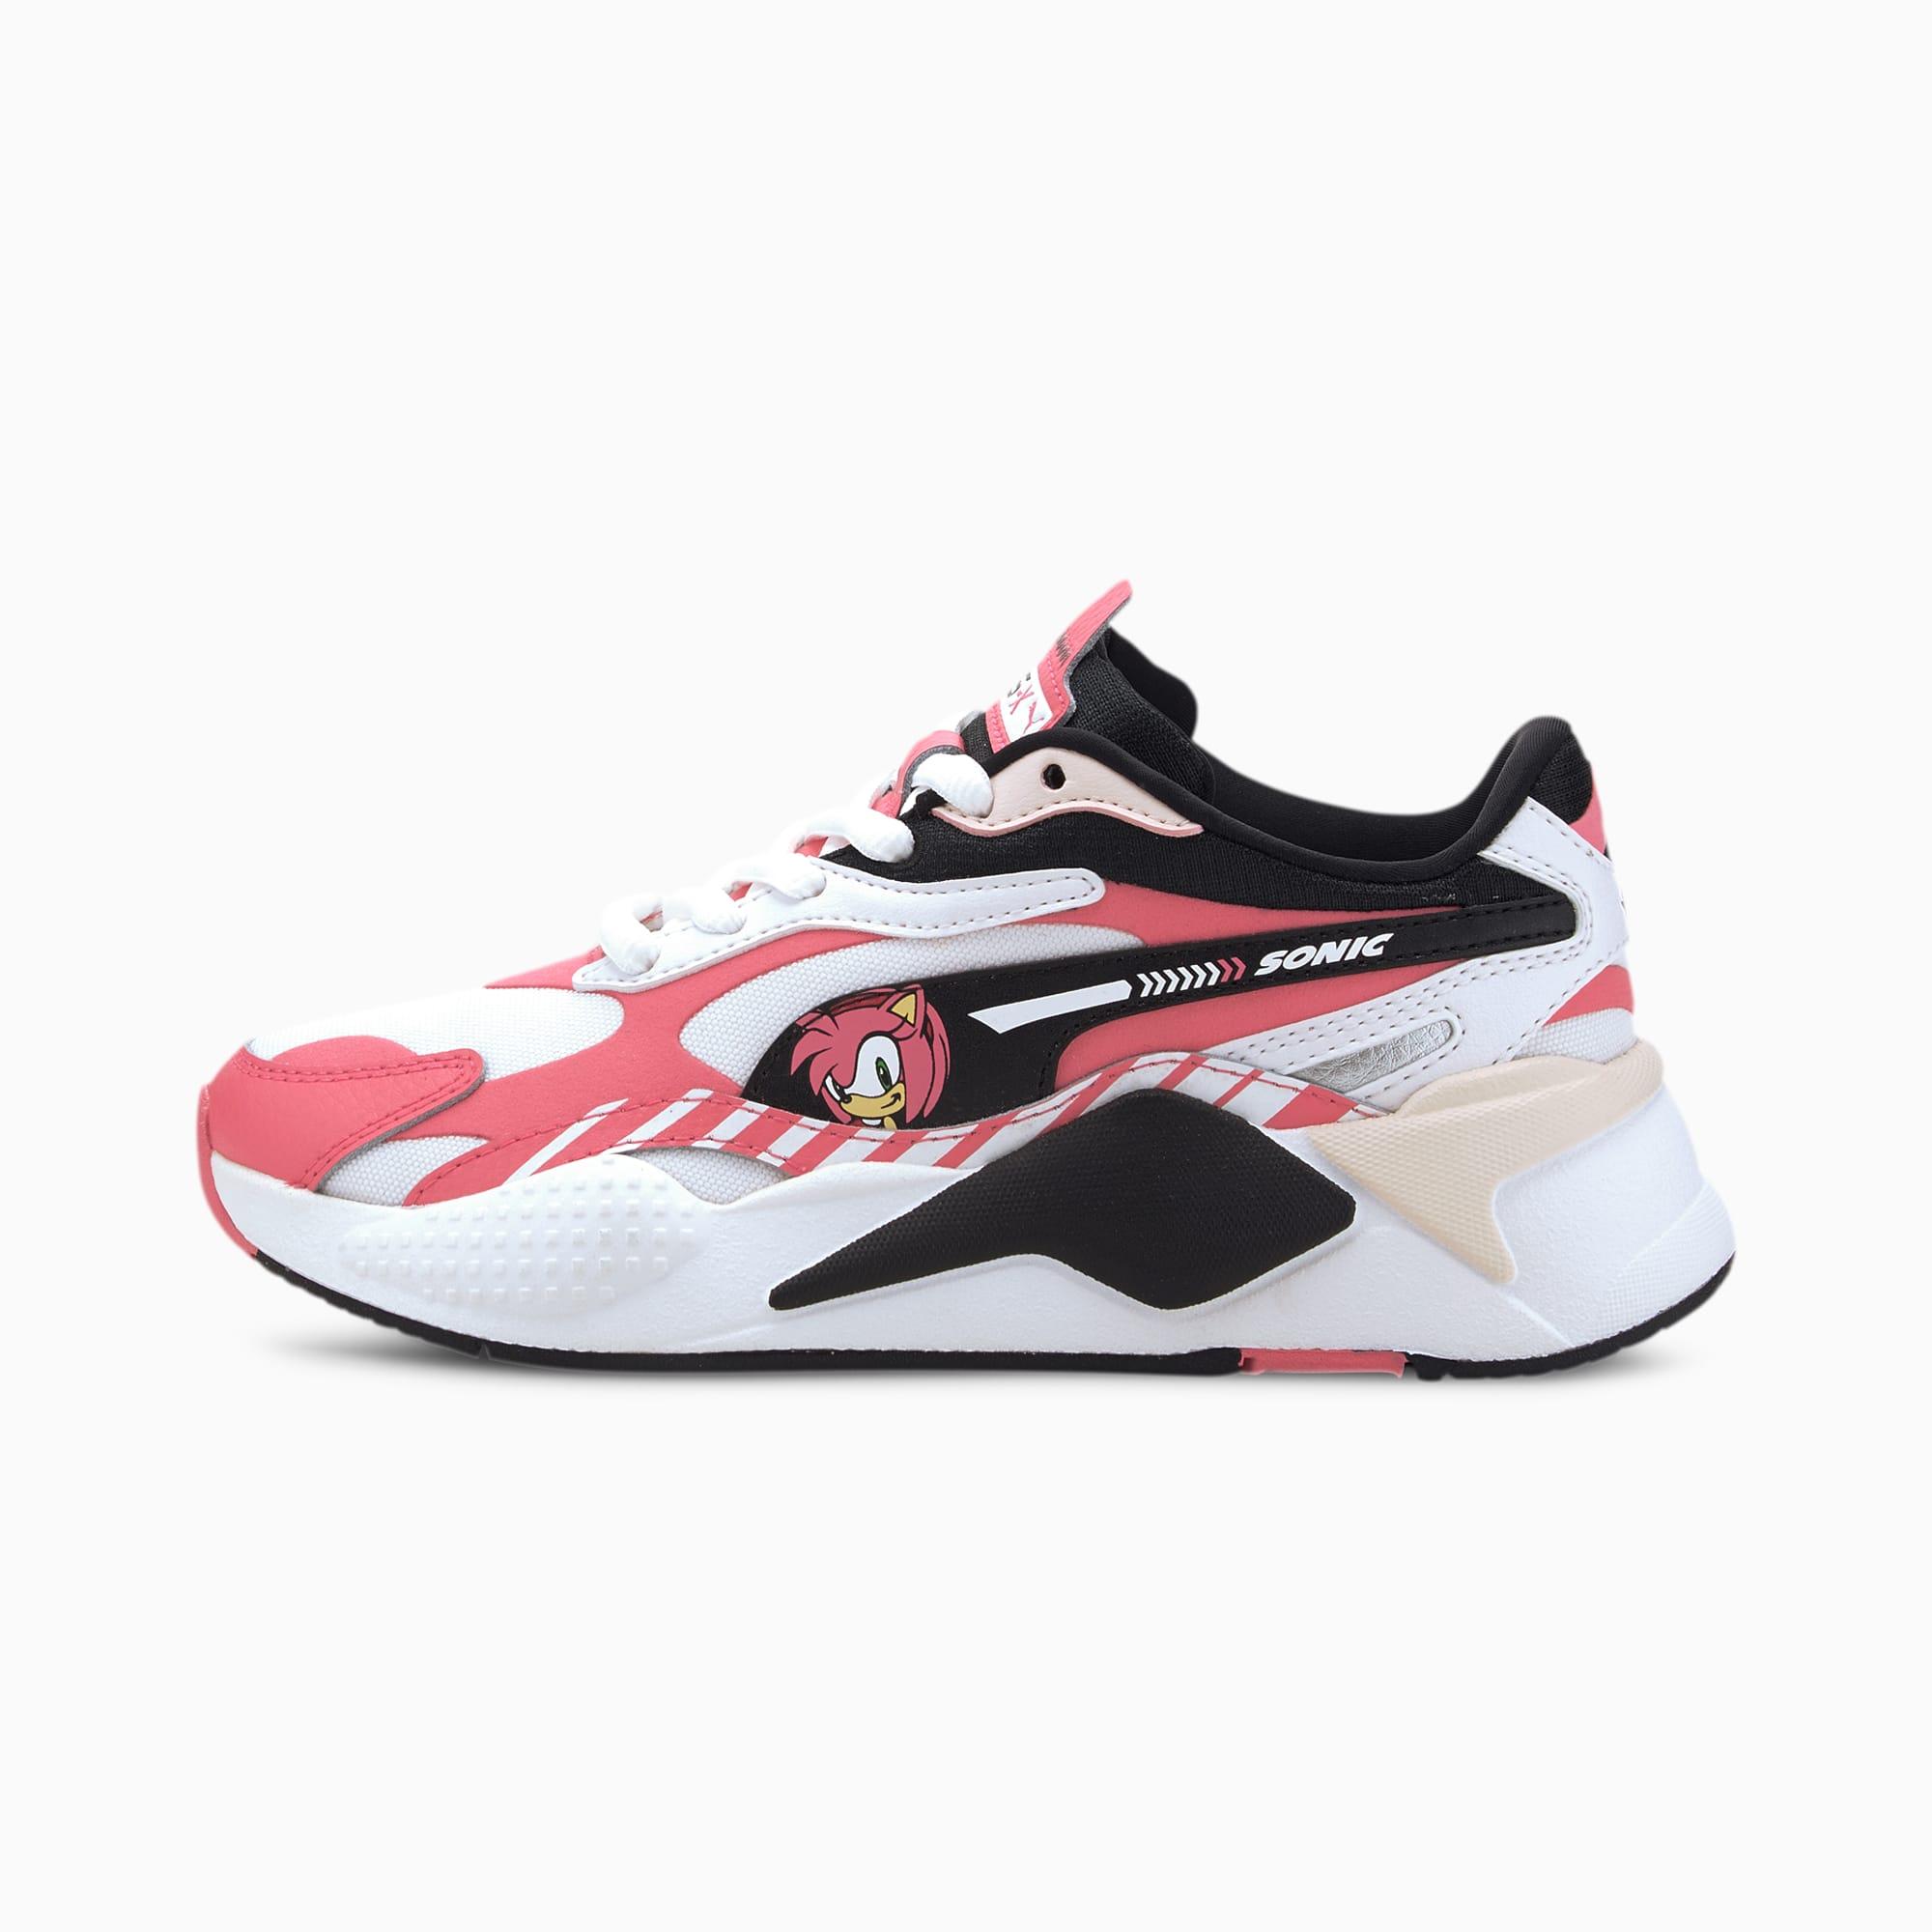 Puma X Sonic Rs X Sneakers Jr Puma Us